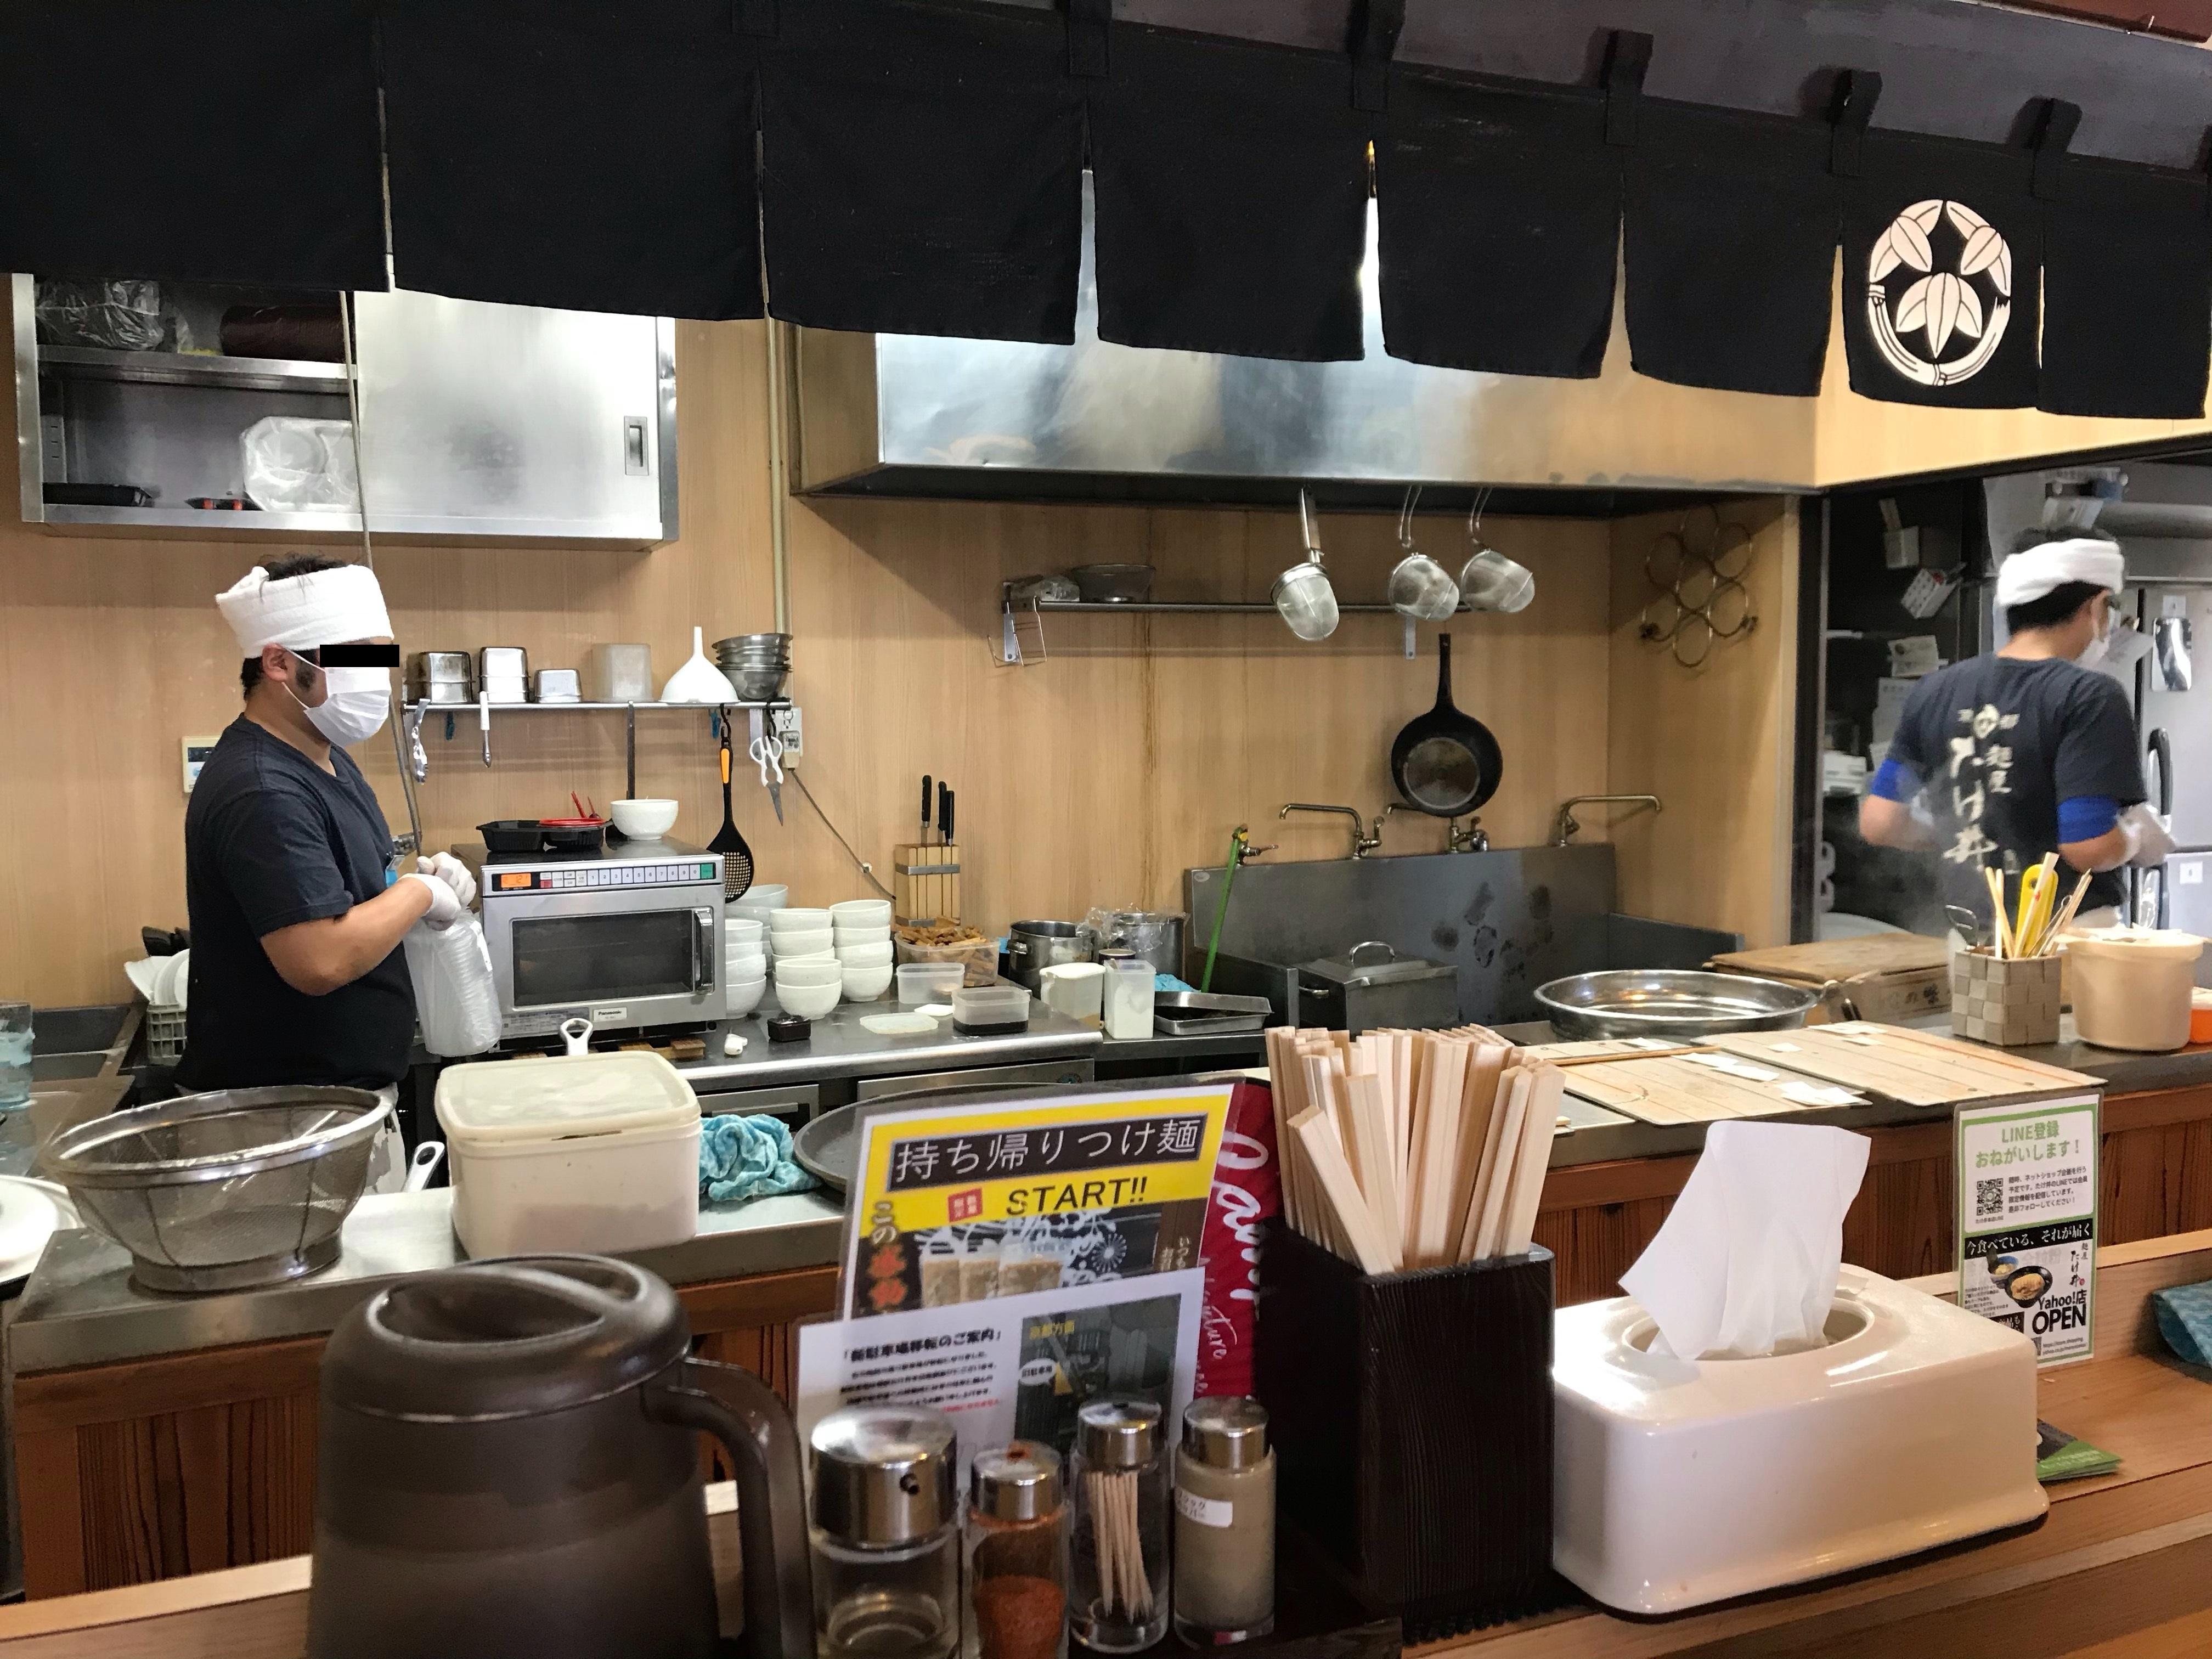 harleydavidson-motorcycle-touring-blog-kyoto-takei-ramen-kitchen.jpg